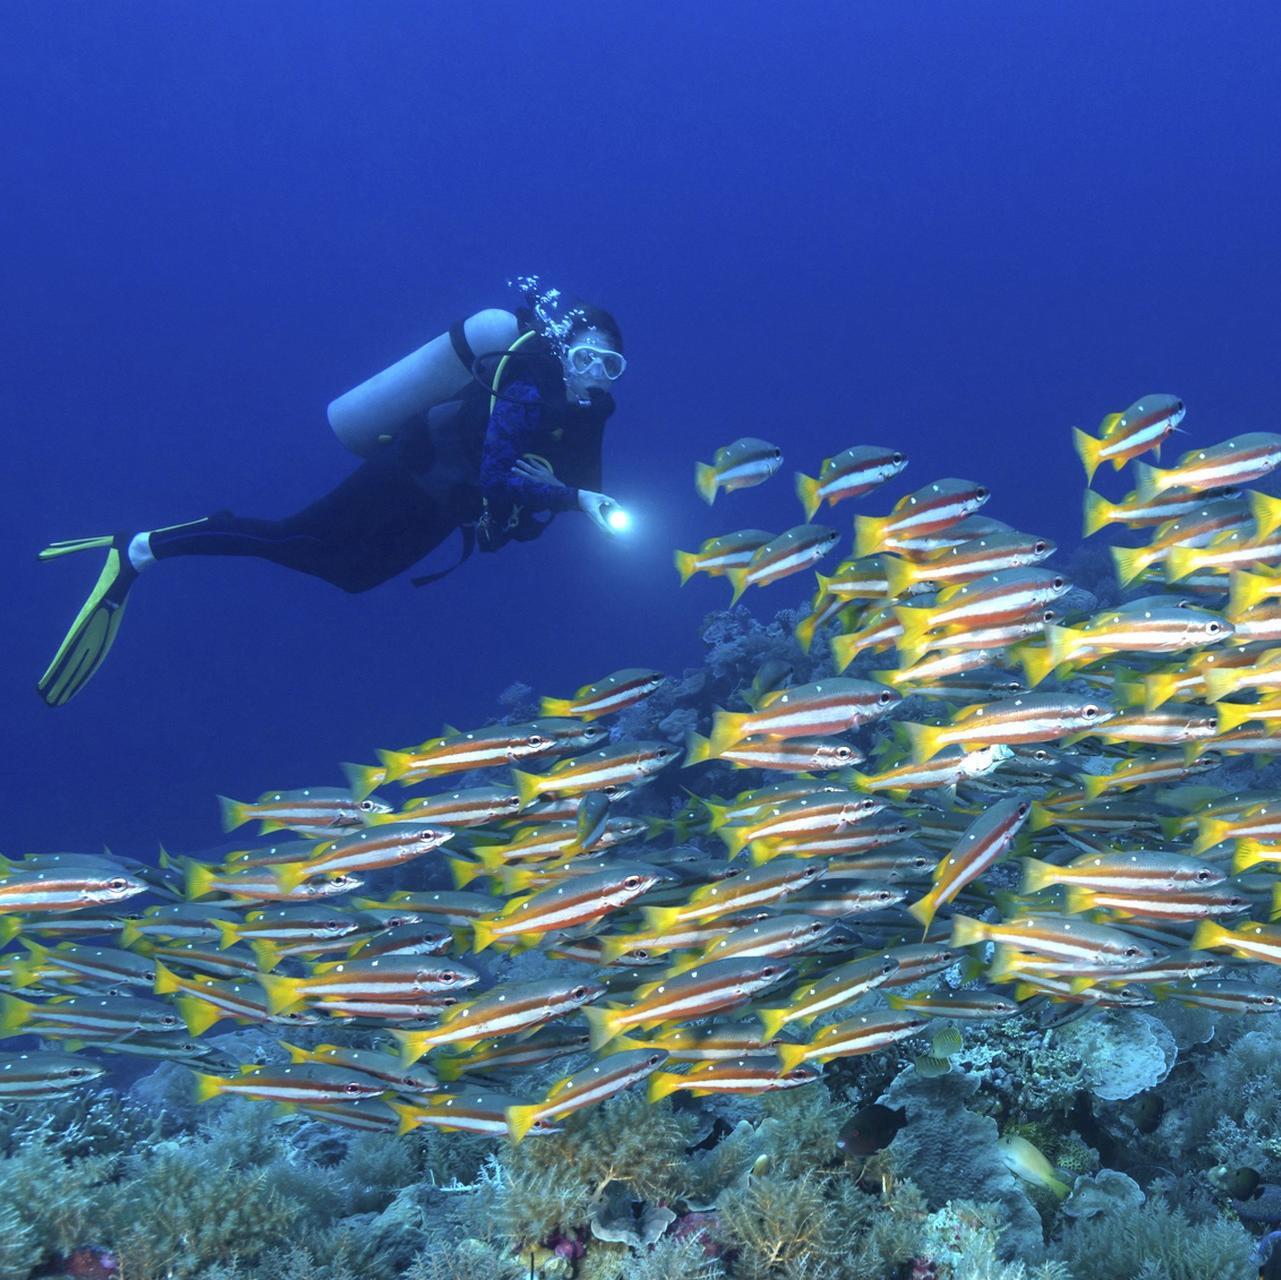 La plongée sous-marine en toute sécurité